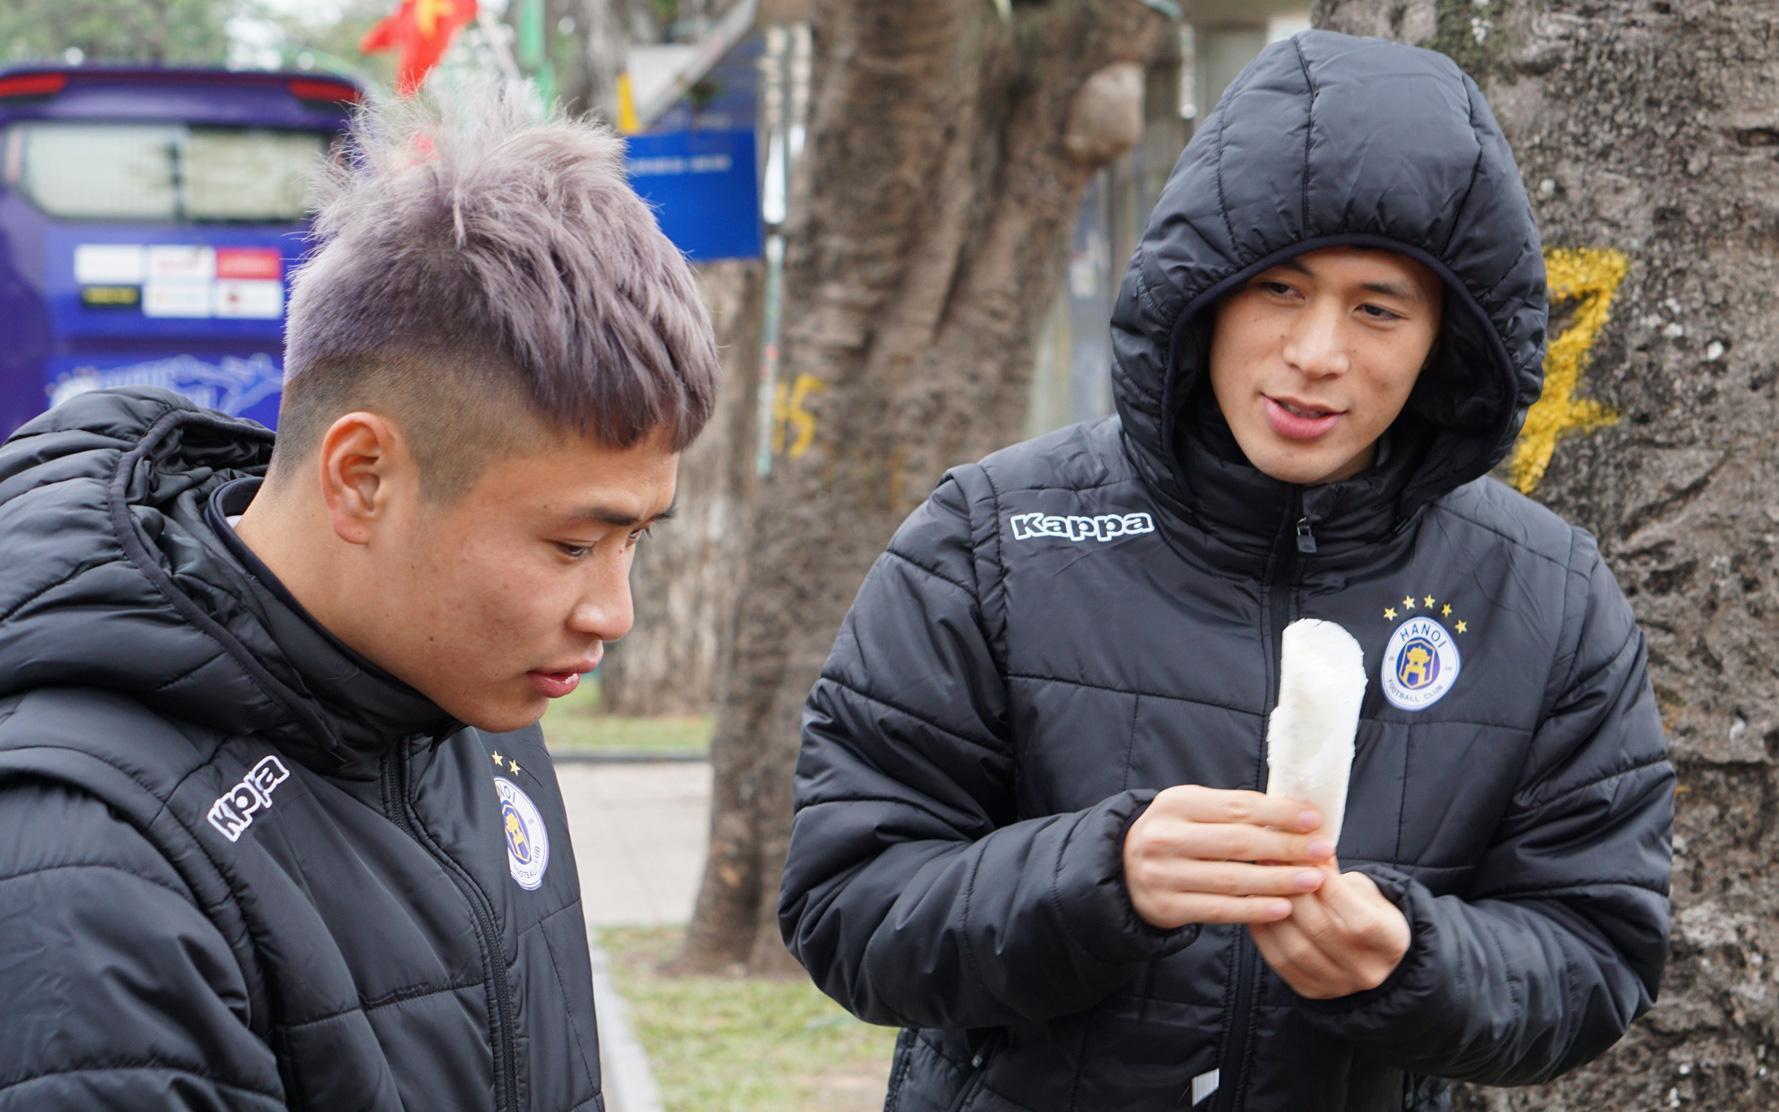 Dàn sao Hà Nội FC du xuân: Đình Trọng thích thú với món ăn đường phố, thủ môn trẻ có hành động đẹp với người dân